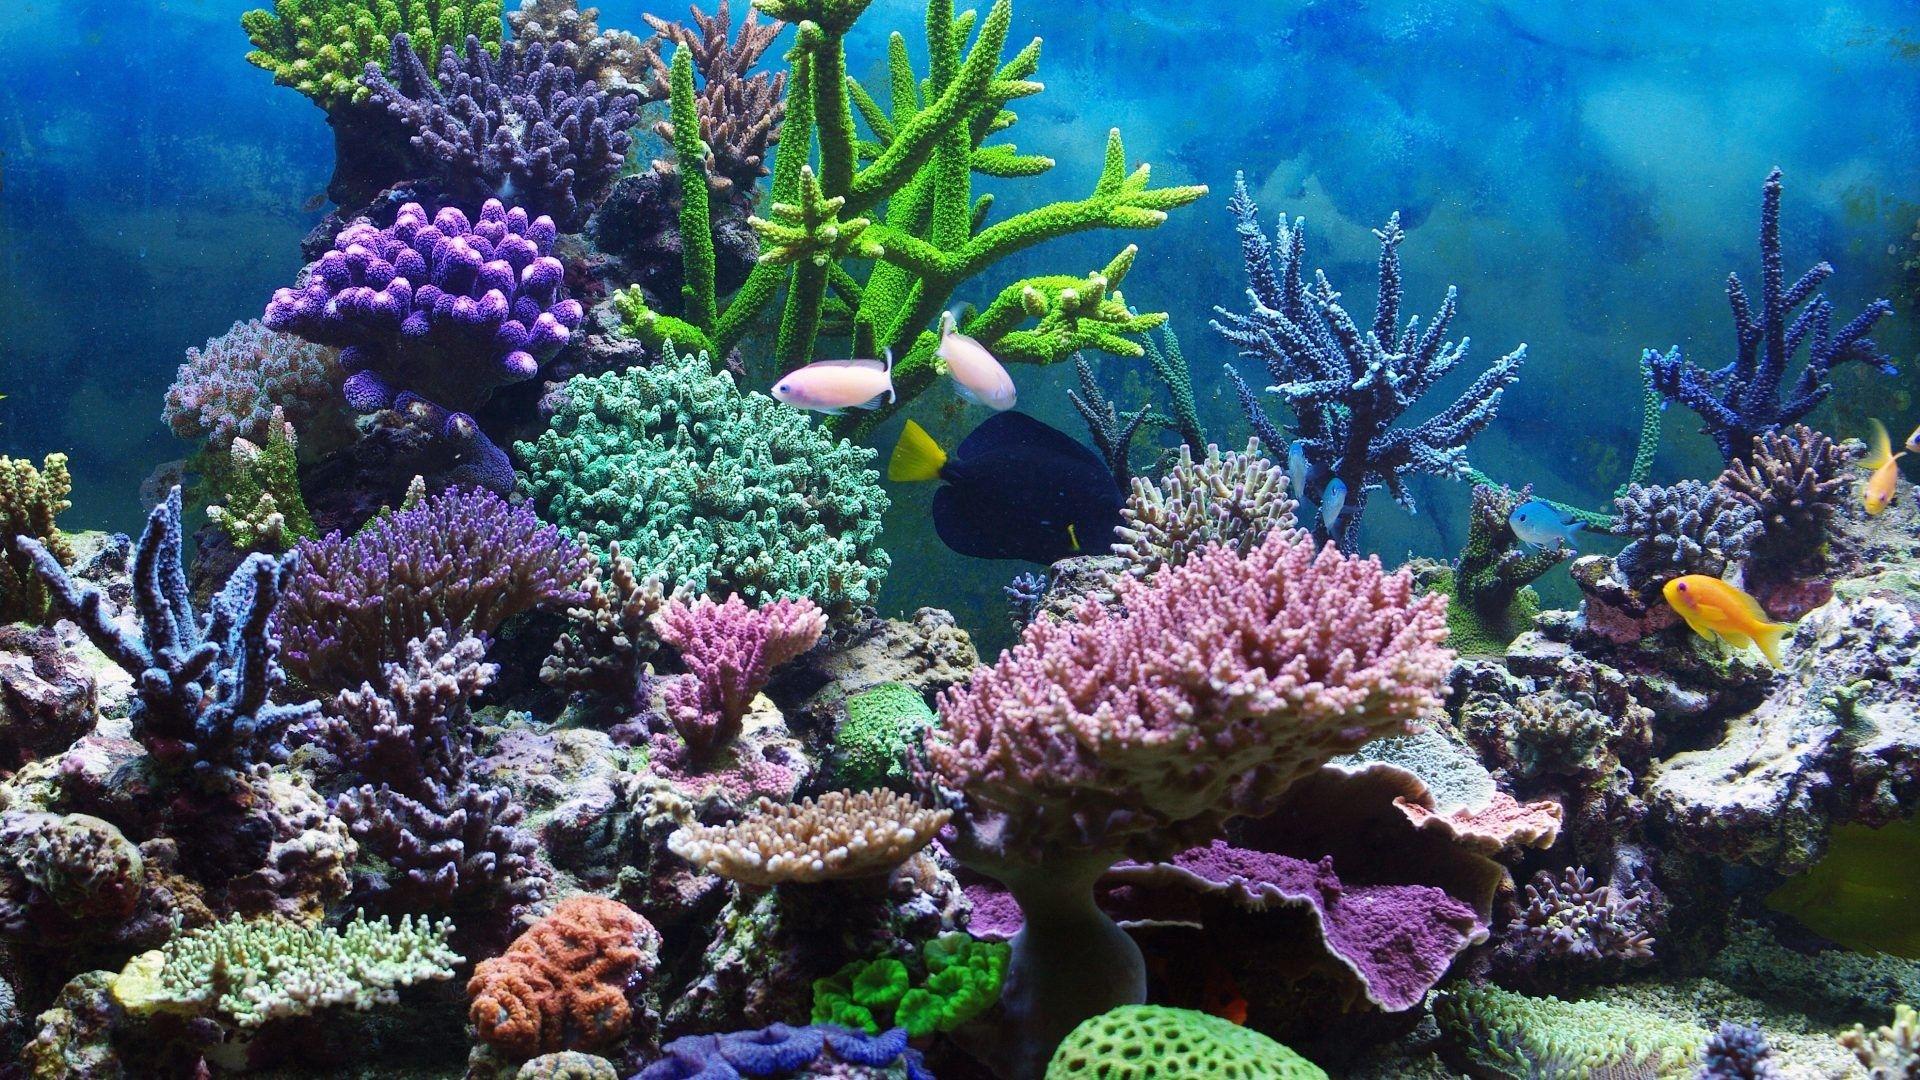 Res Underwater Coral Reef Ocean Tropical